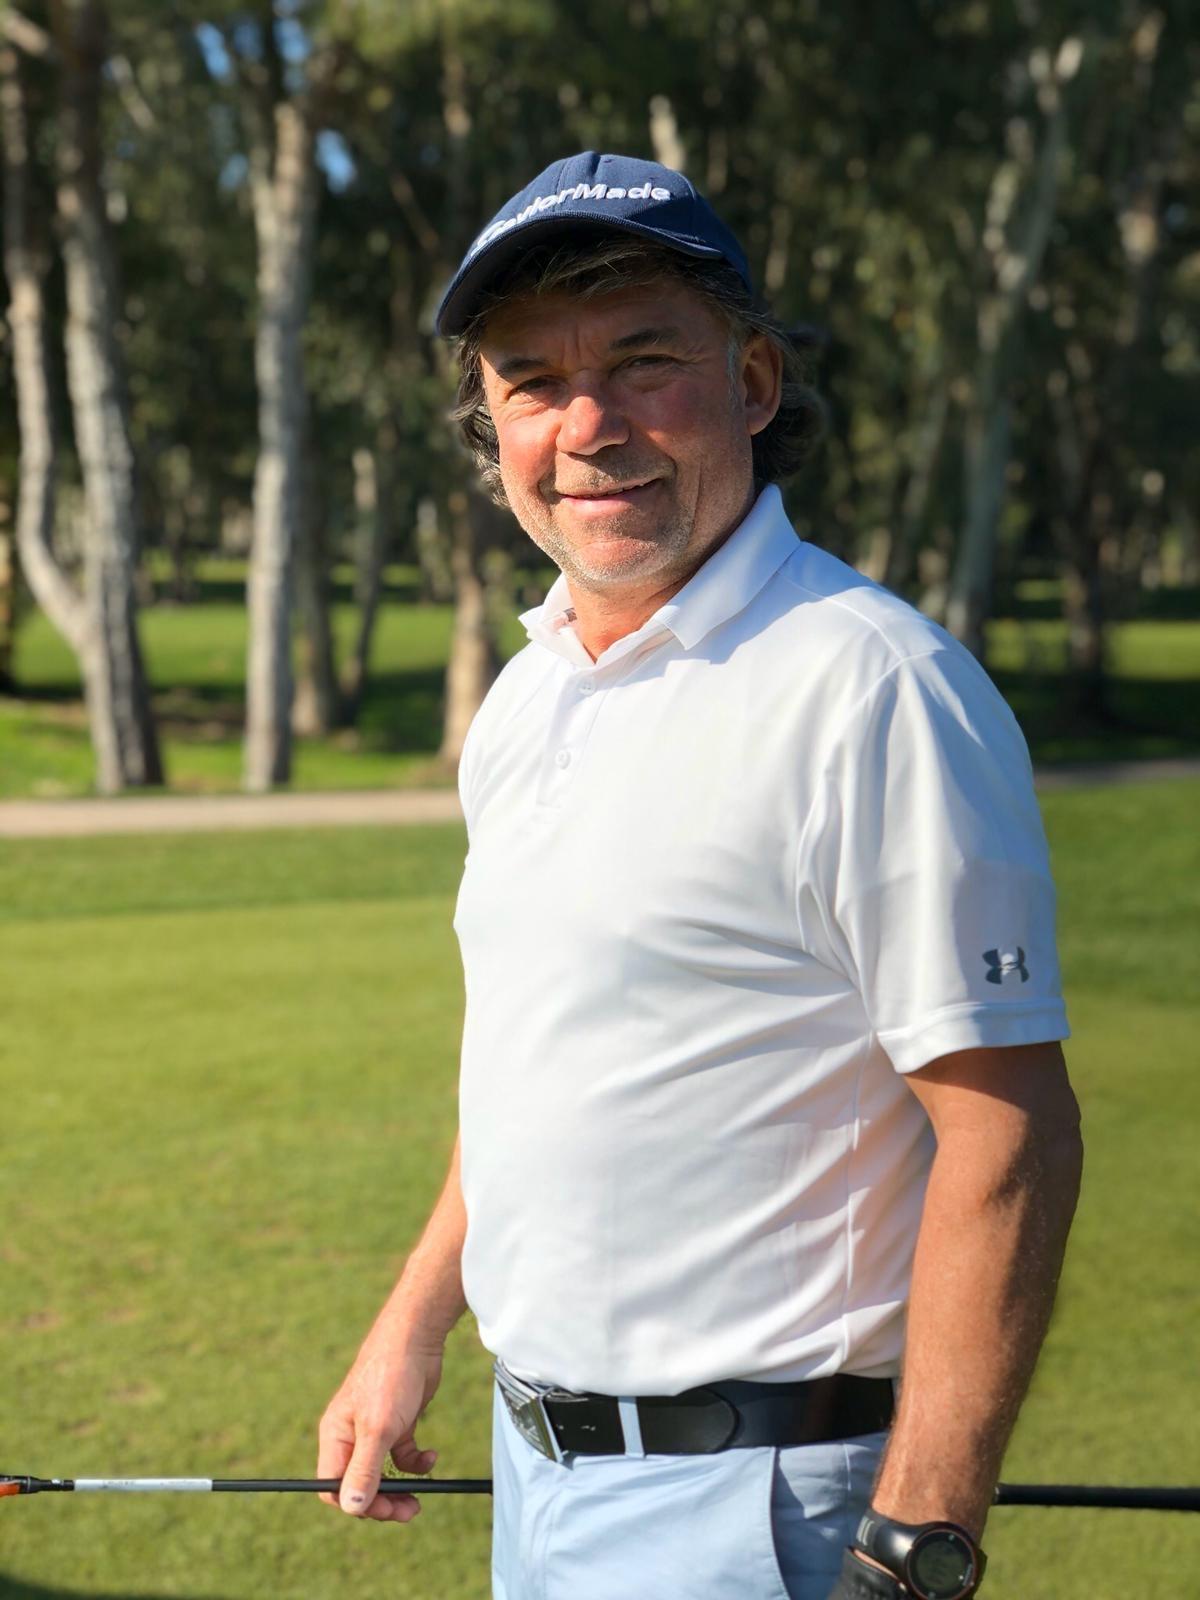 Klaus Dennerlein, Jahressieger der Arnst & Arnst Turnierserie